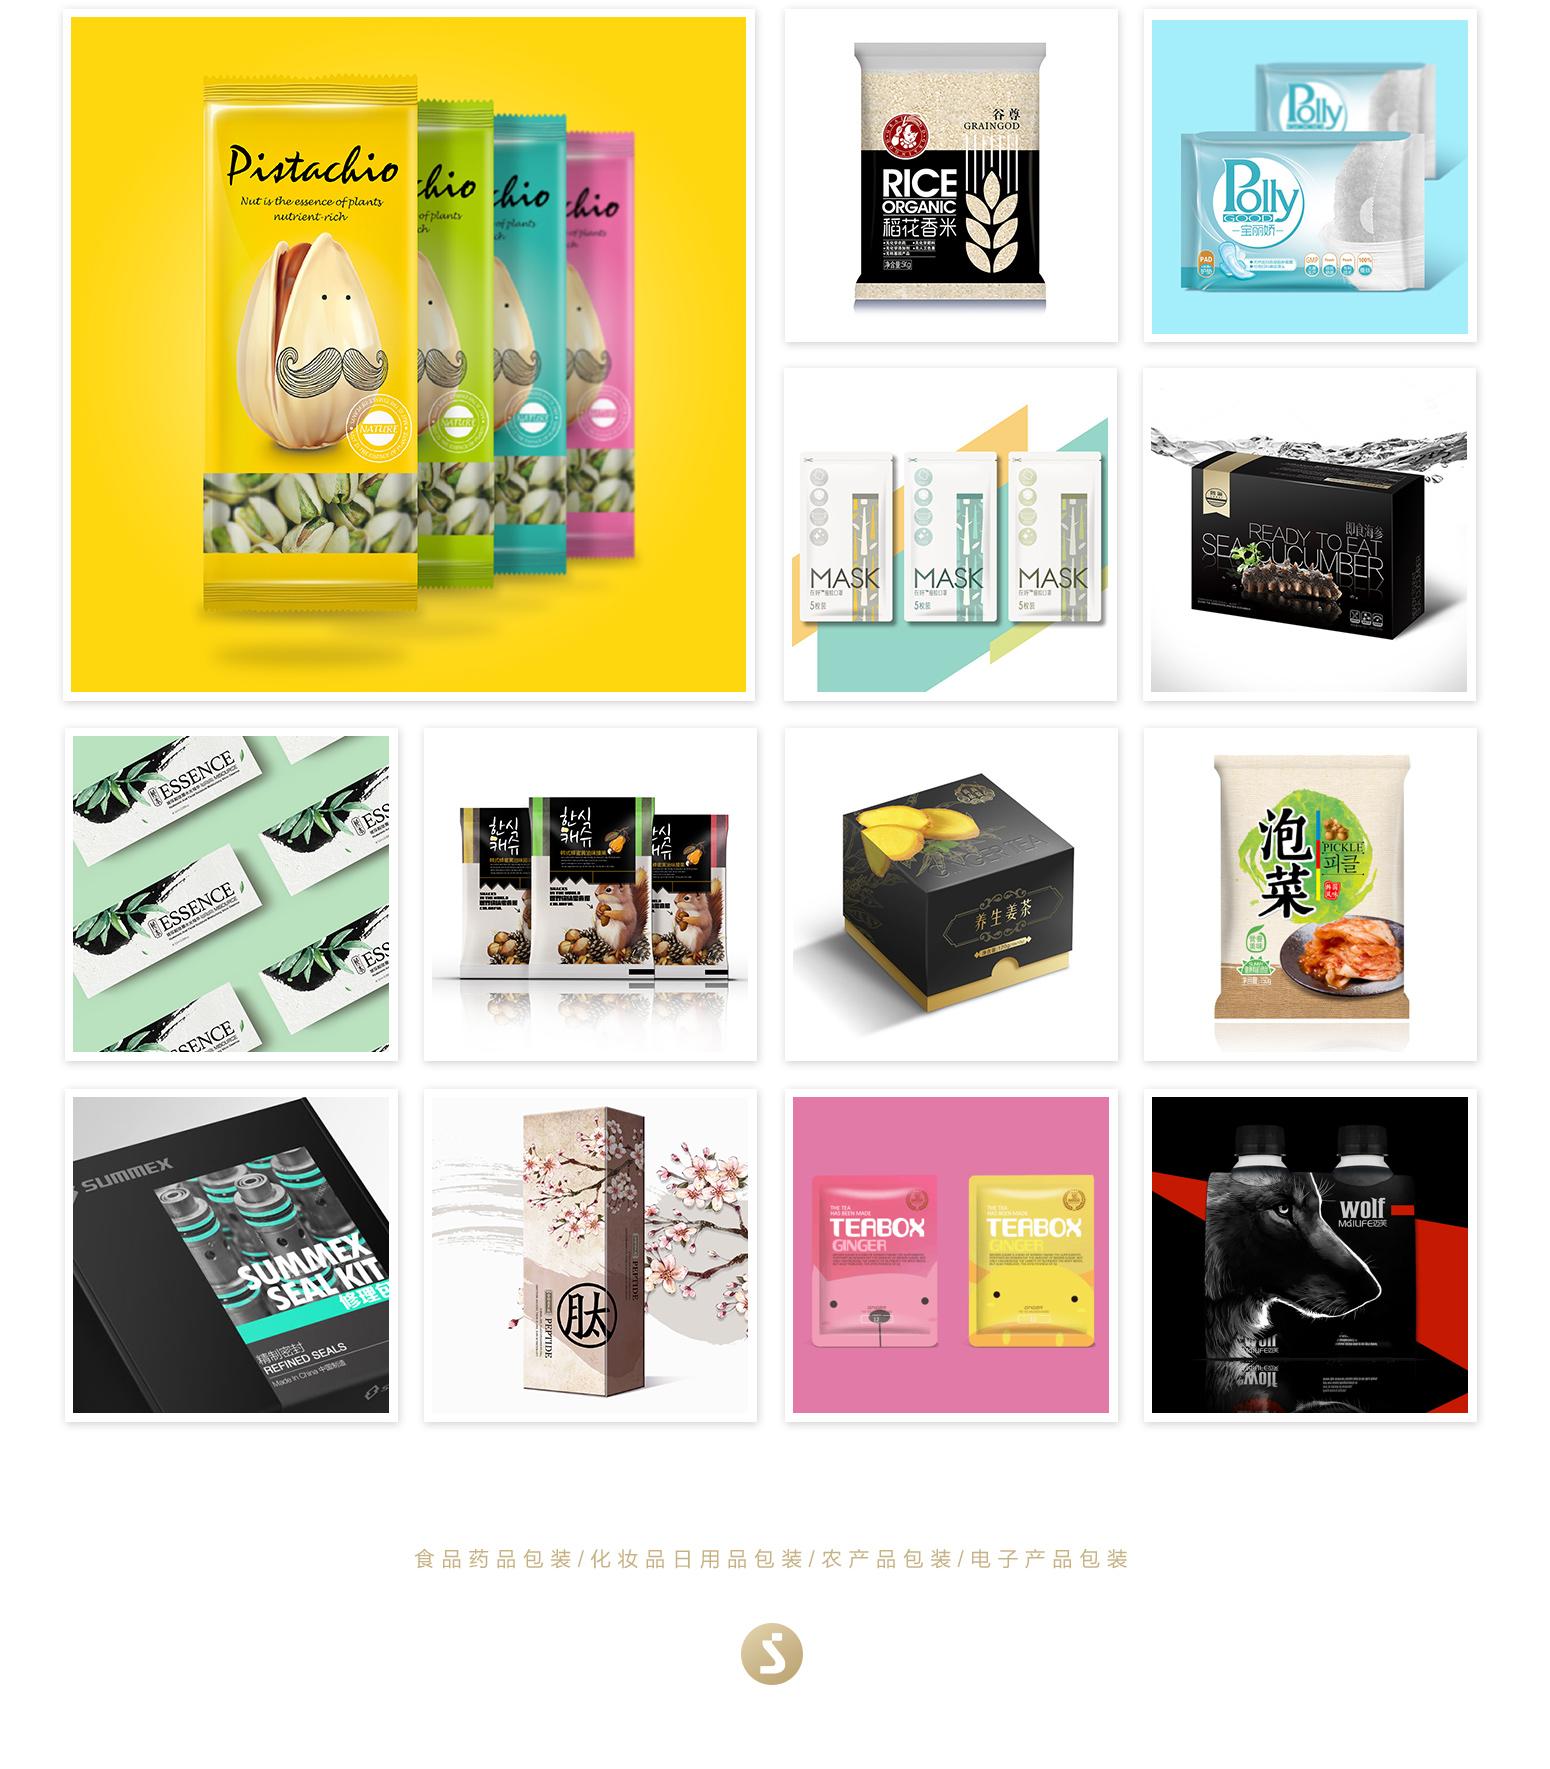 包装设计_【十界包装设计】食品包装/茶叶/化妆品/农产品/包装设计6